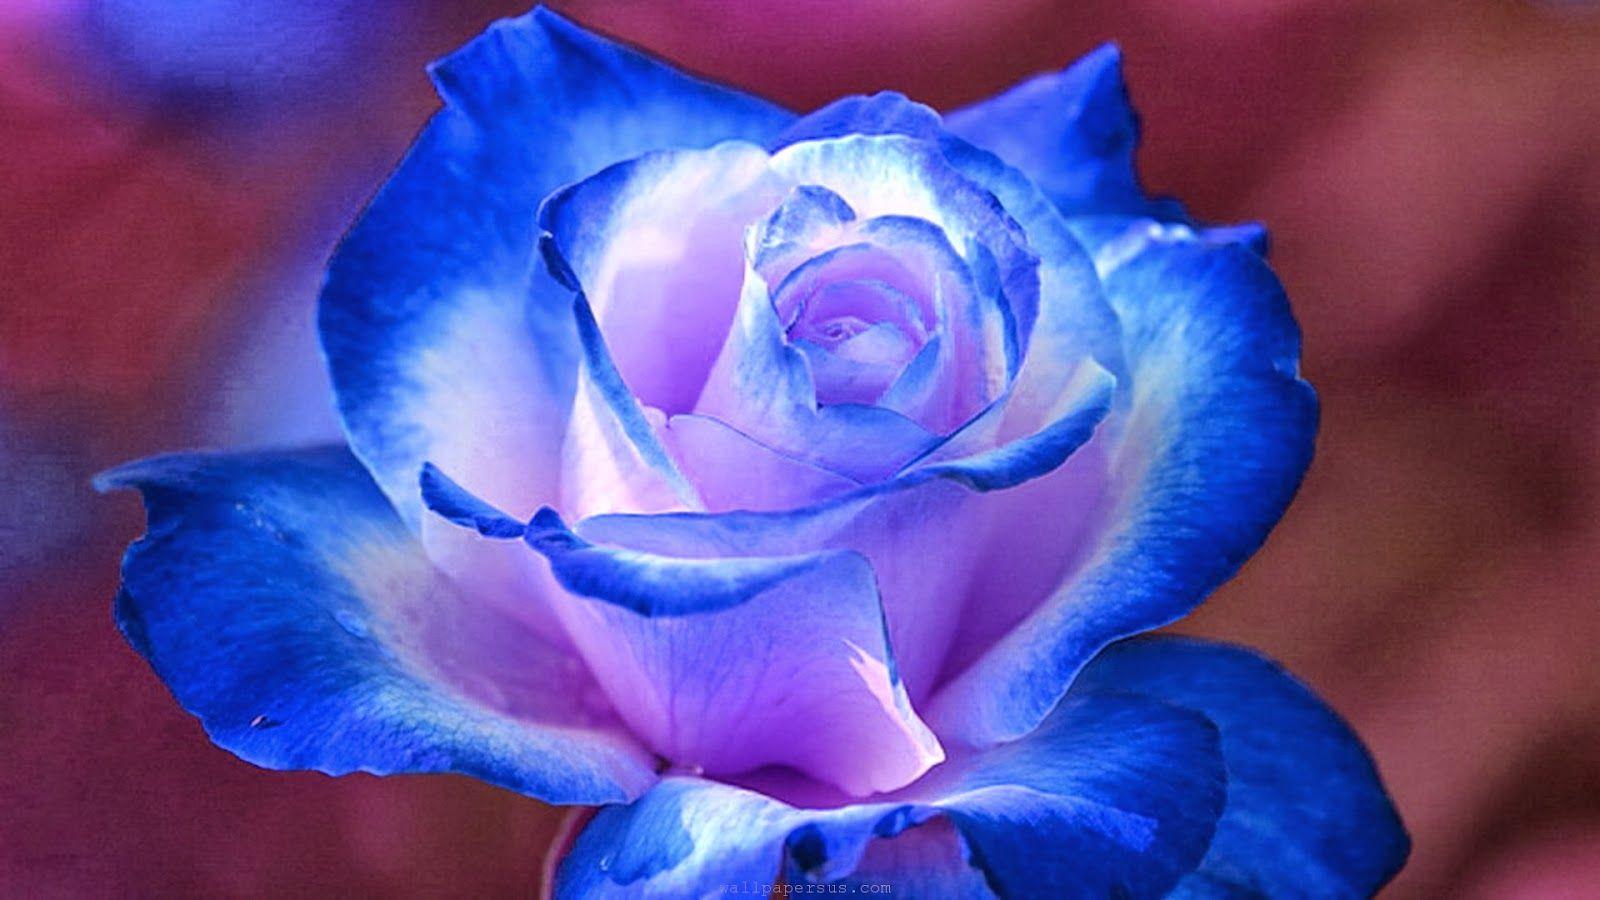 HD Wallpapers Desktop Blue Flower HD Wallpapers sweet